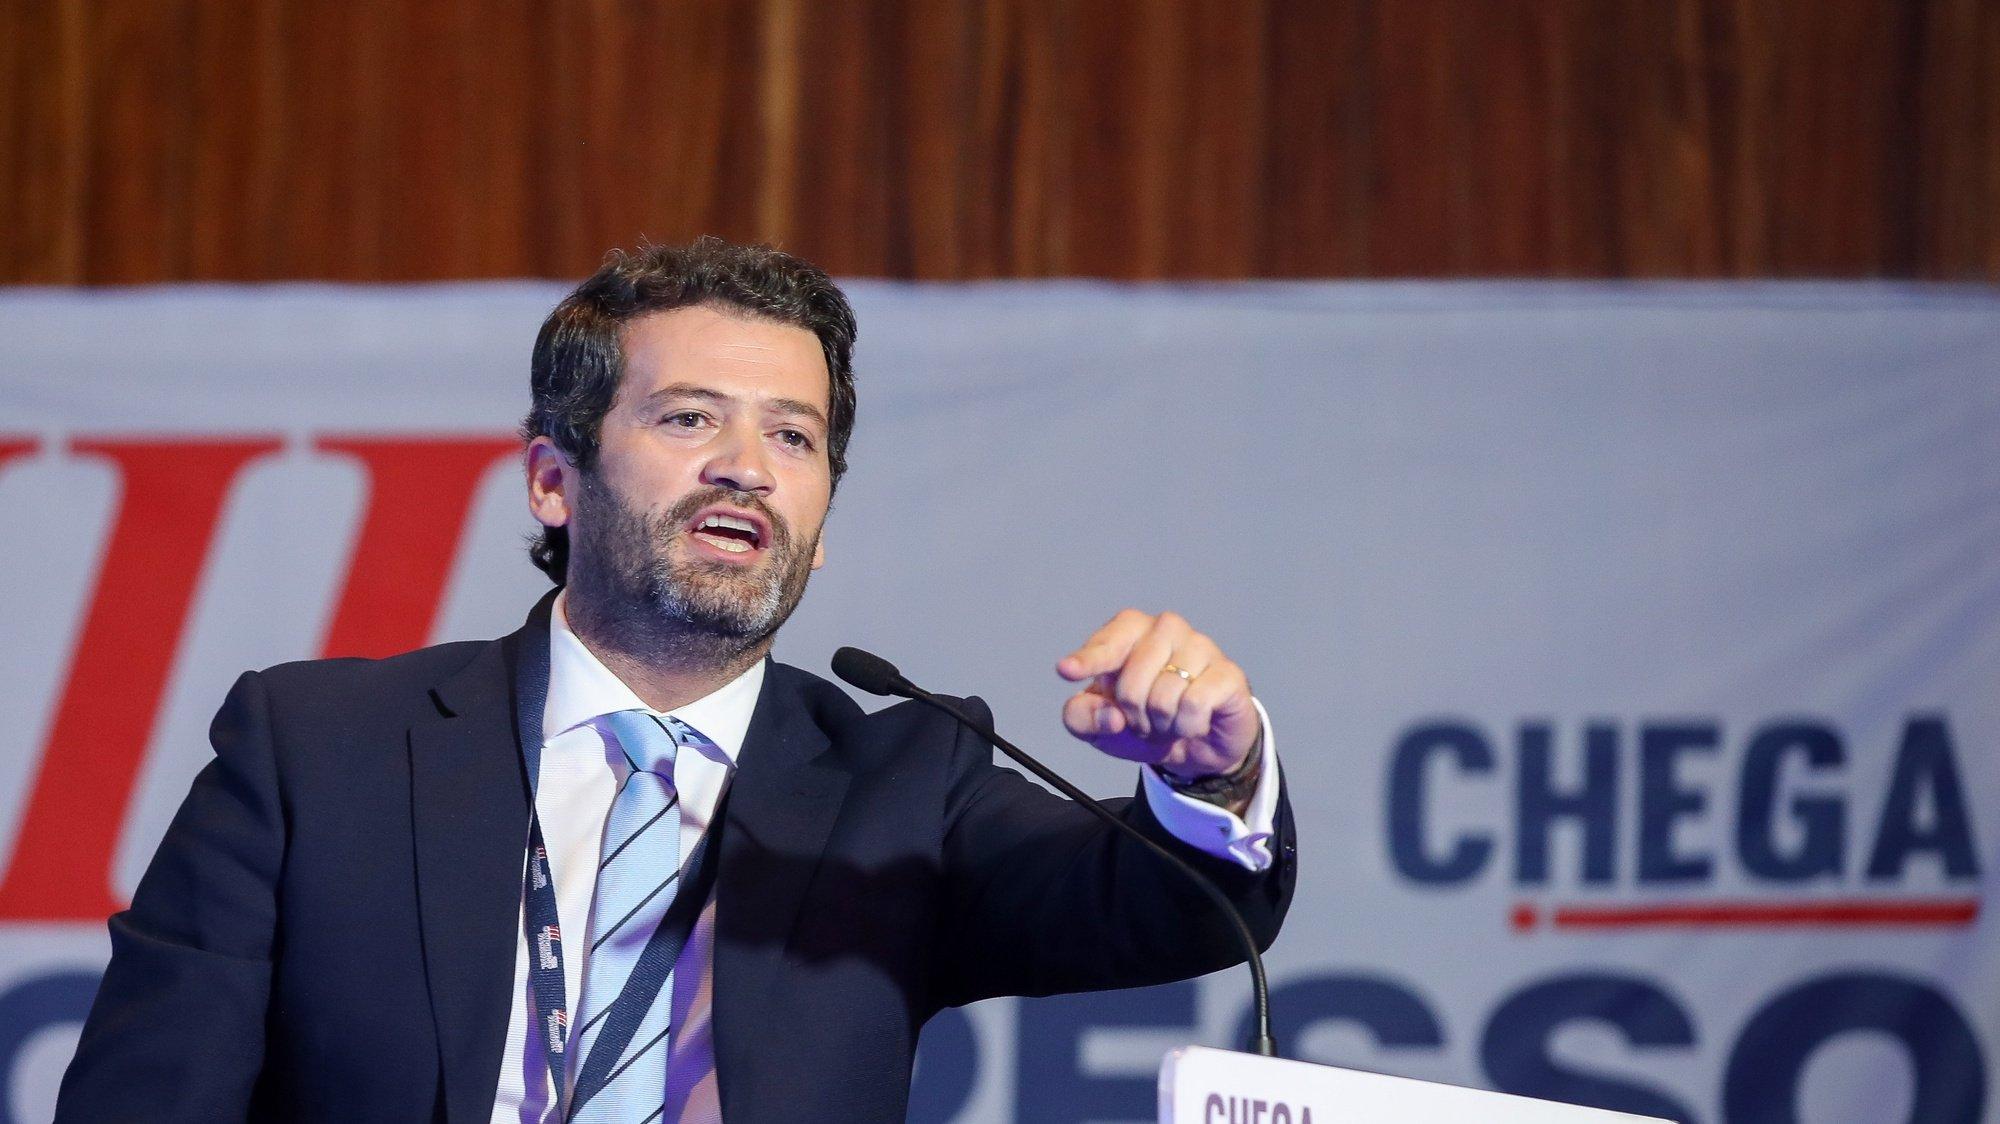 O presidente do Chega, André Ventura, discursa na sessão de encerramento do 3.º dia do III Congresso Nacional do Chega, que entretanto foi interrompida para repetição da eleição dos membros da mesa do congresso, em Coimbra, 30 de maio de 2021. PAULO NOVAIS/LUSA